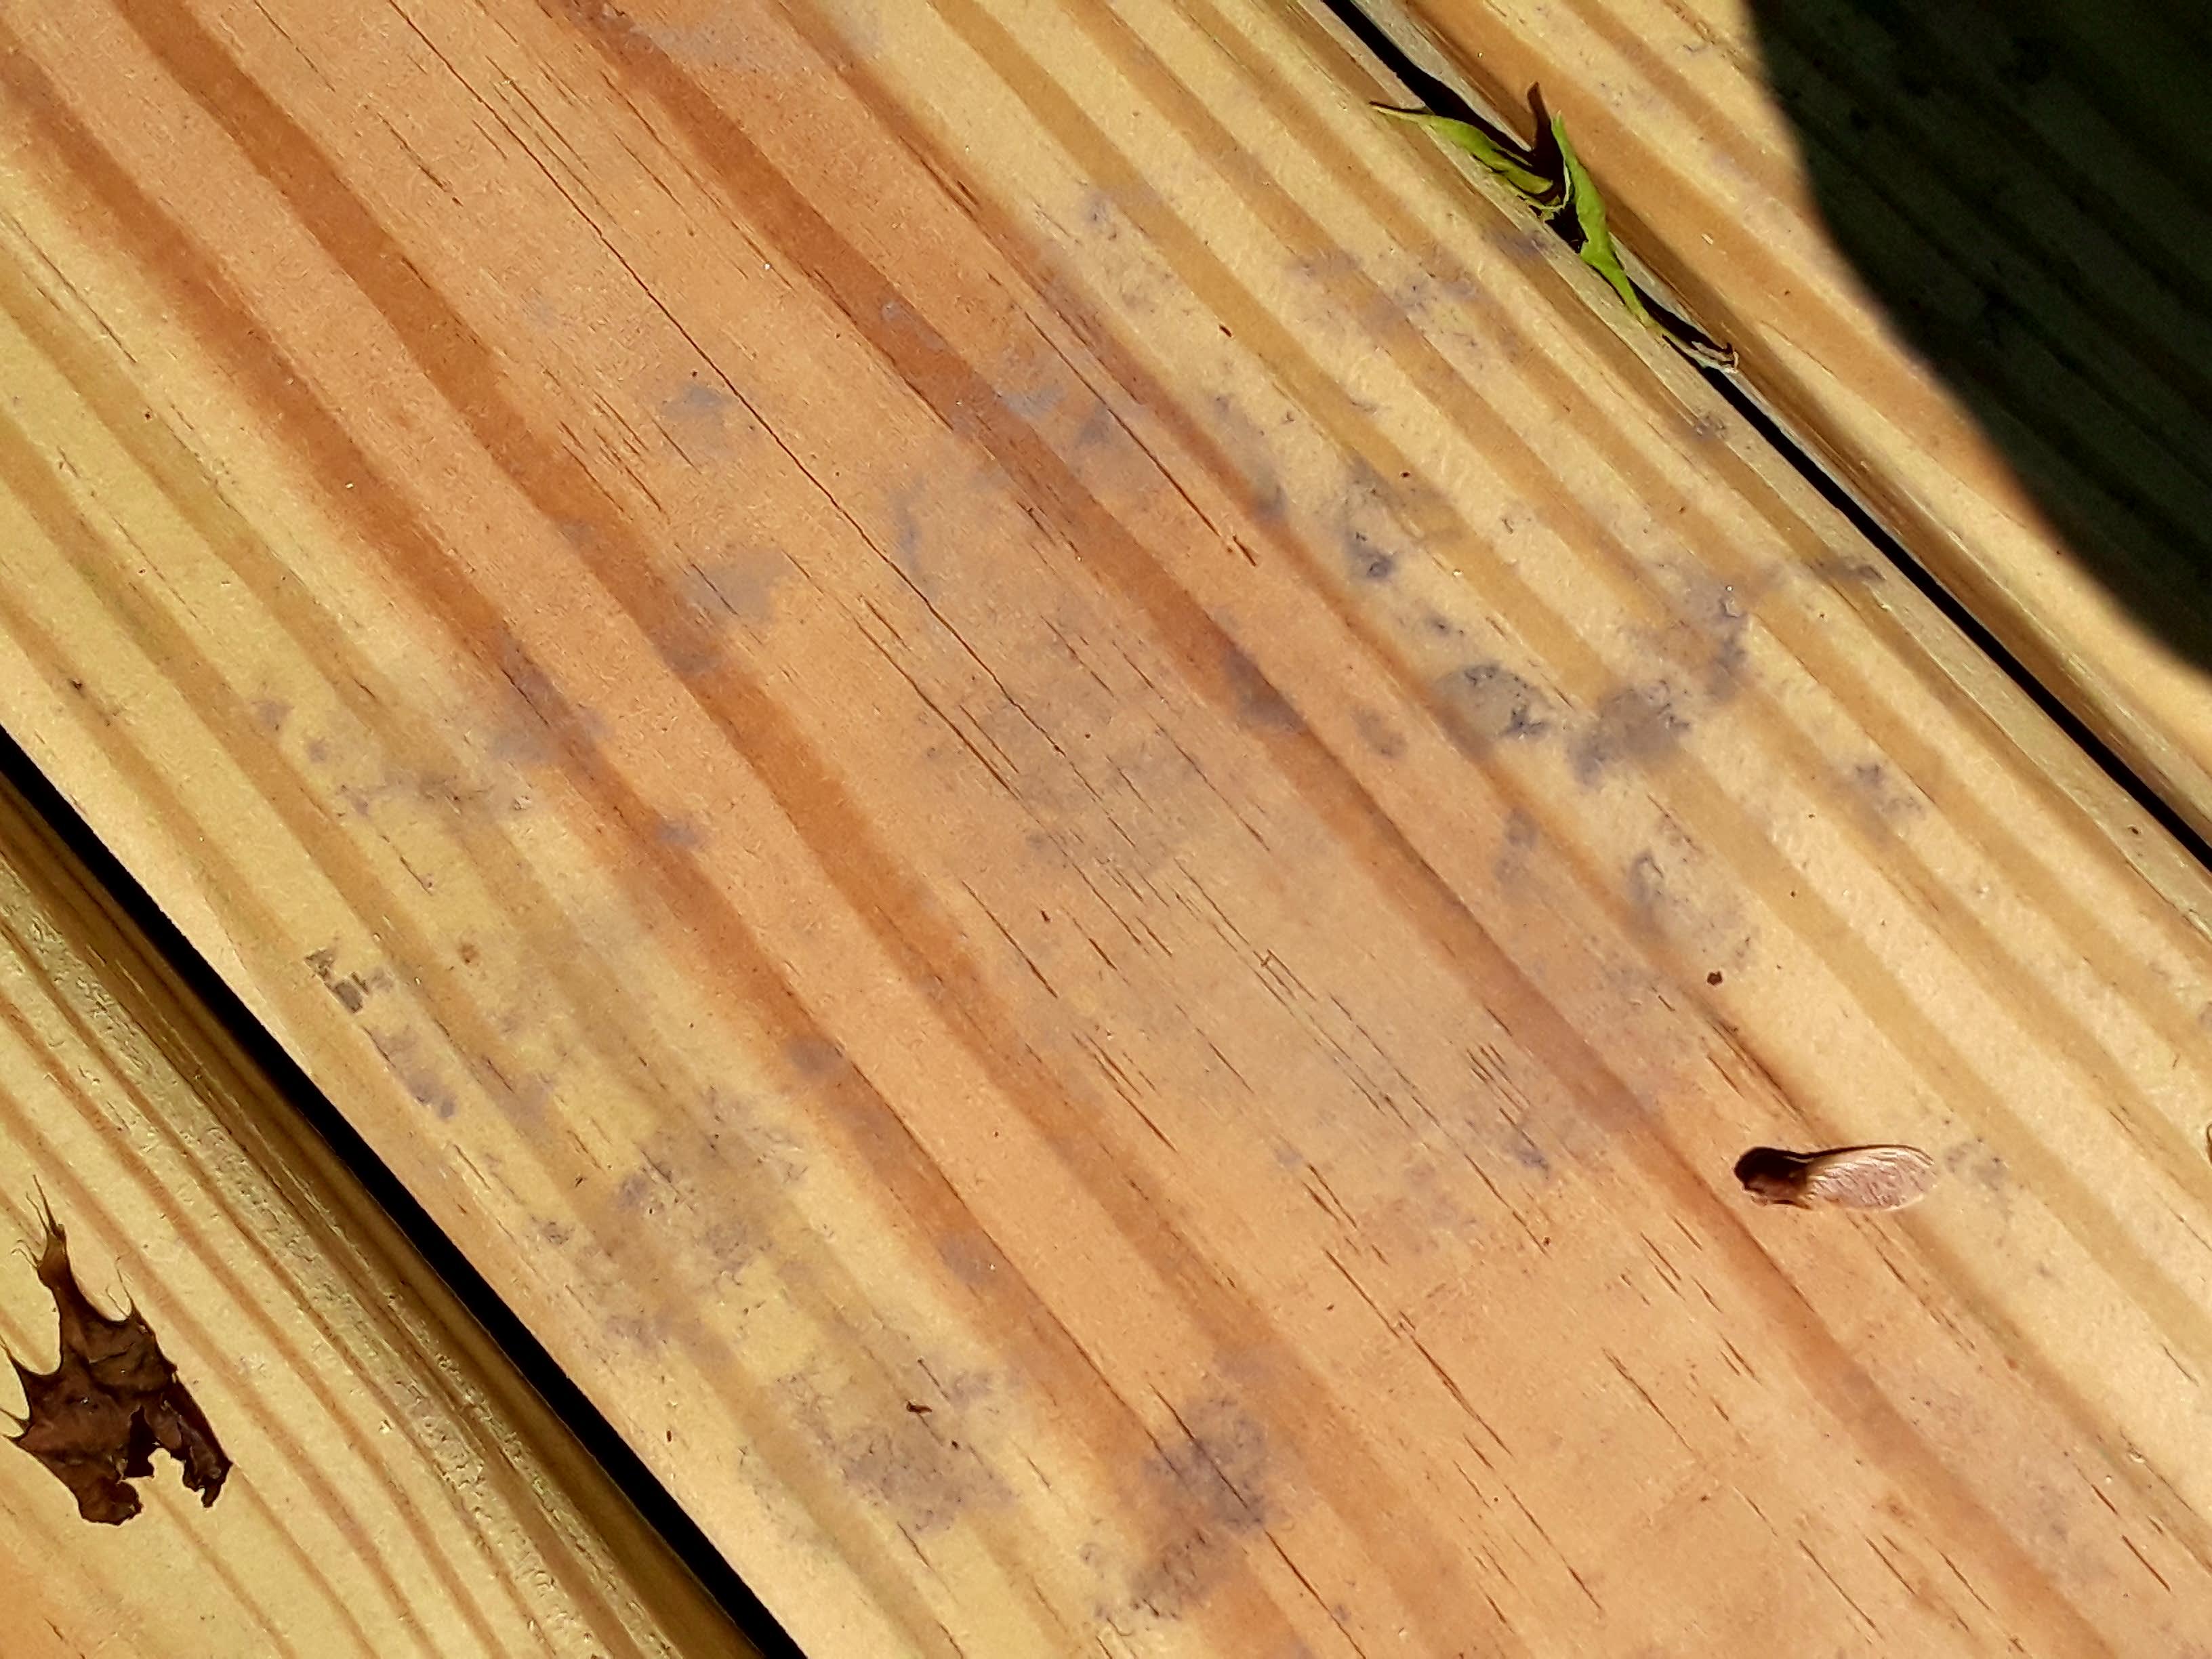 Bear print on wooden bridge slat.